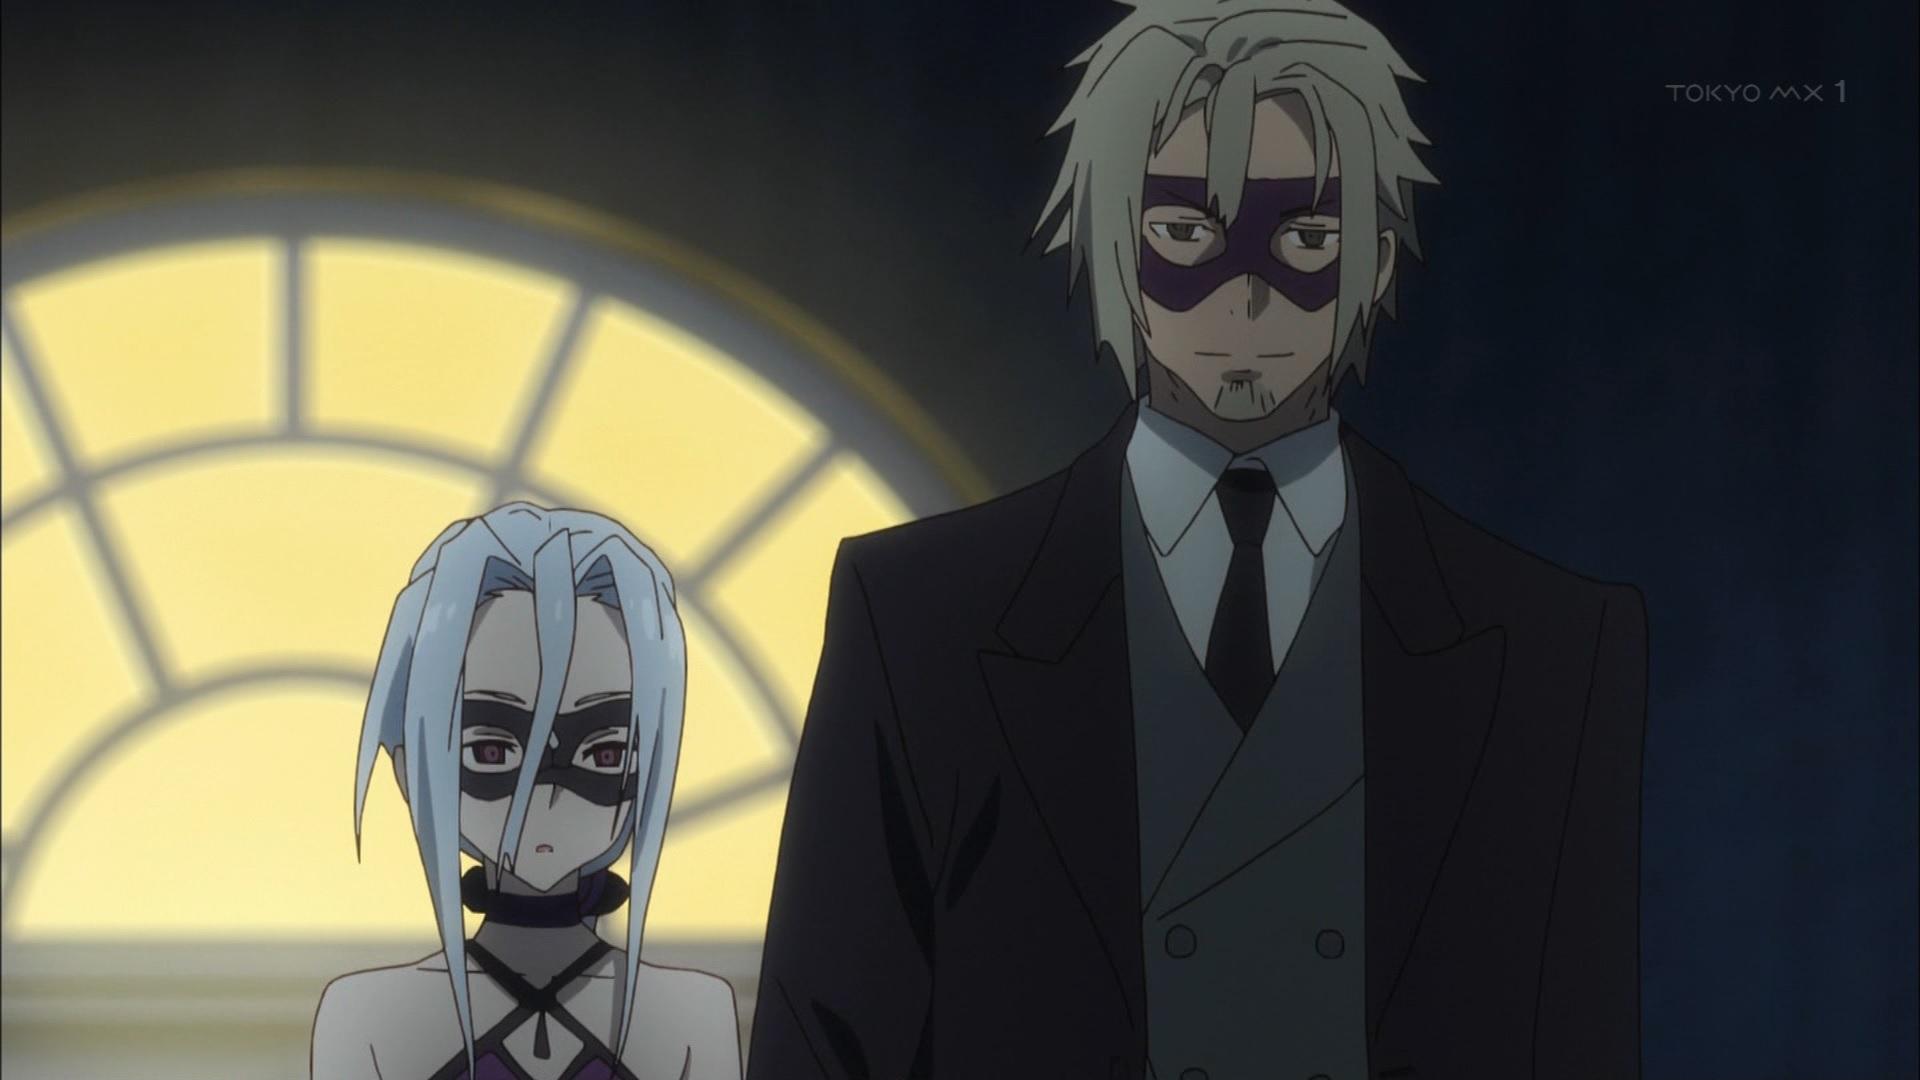 ベルクマンと白い魔女(第8話画像)